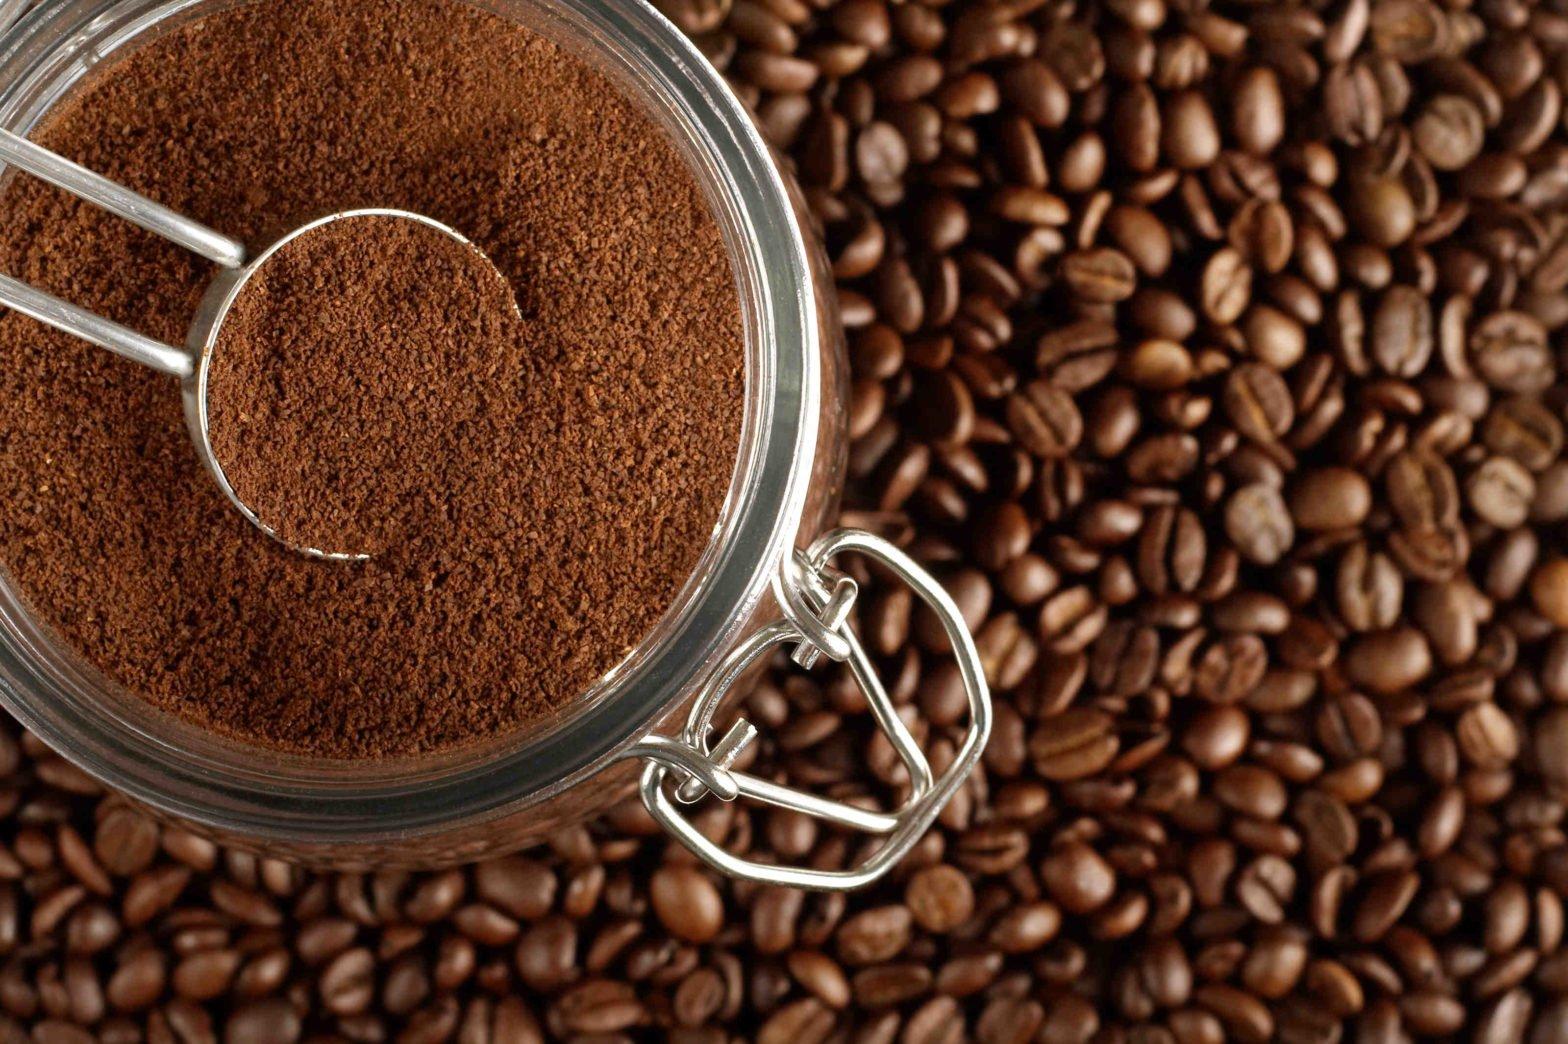 Comment bien conserver son cafe ?